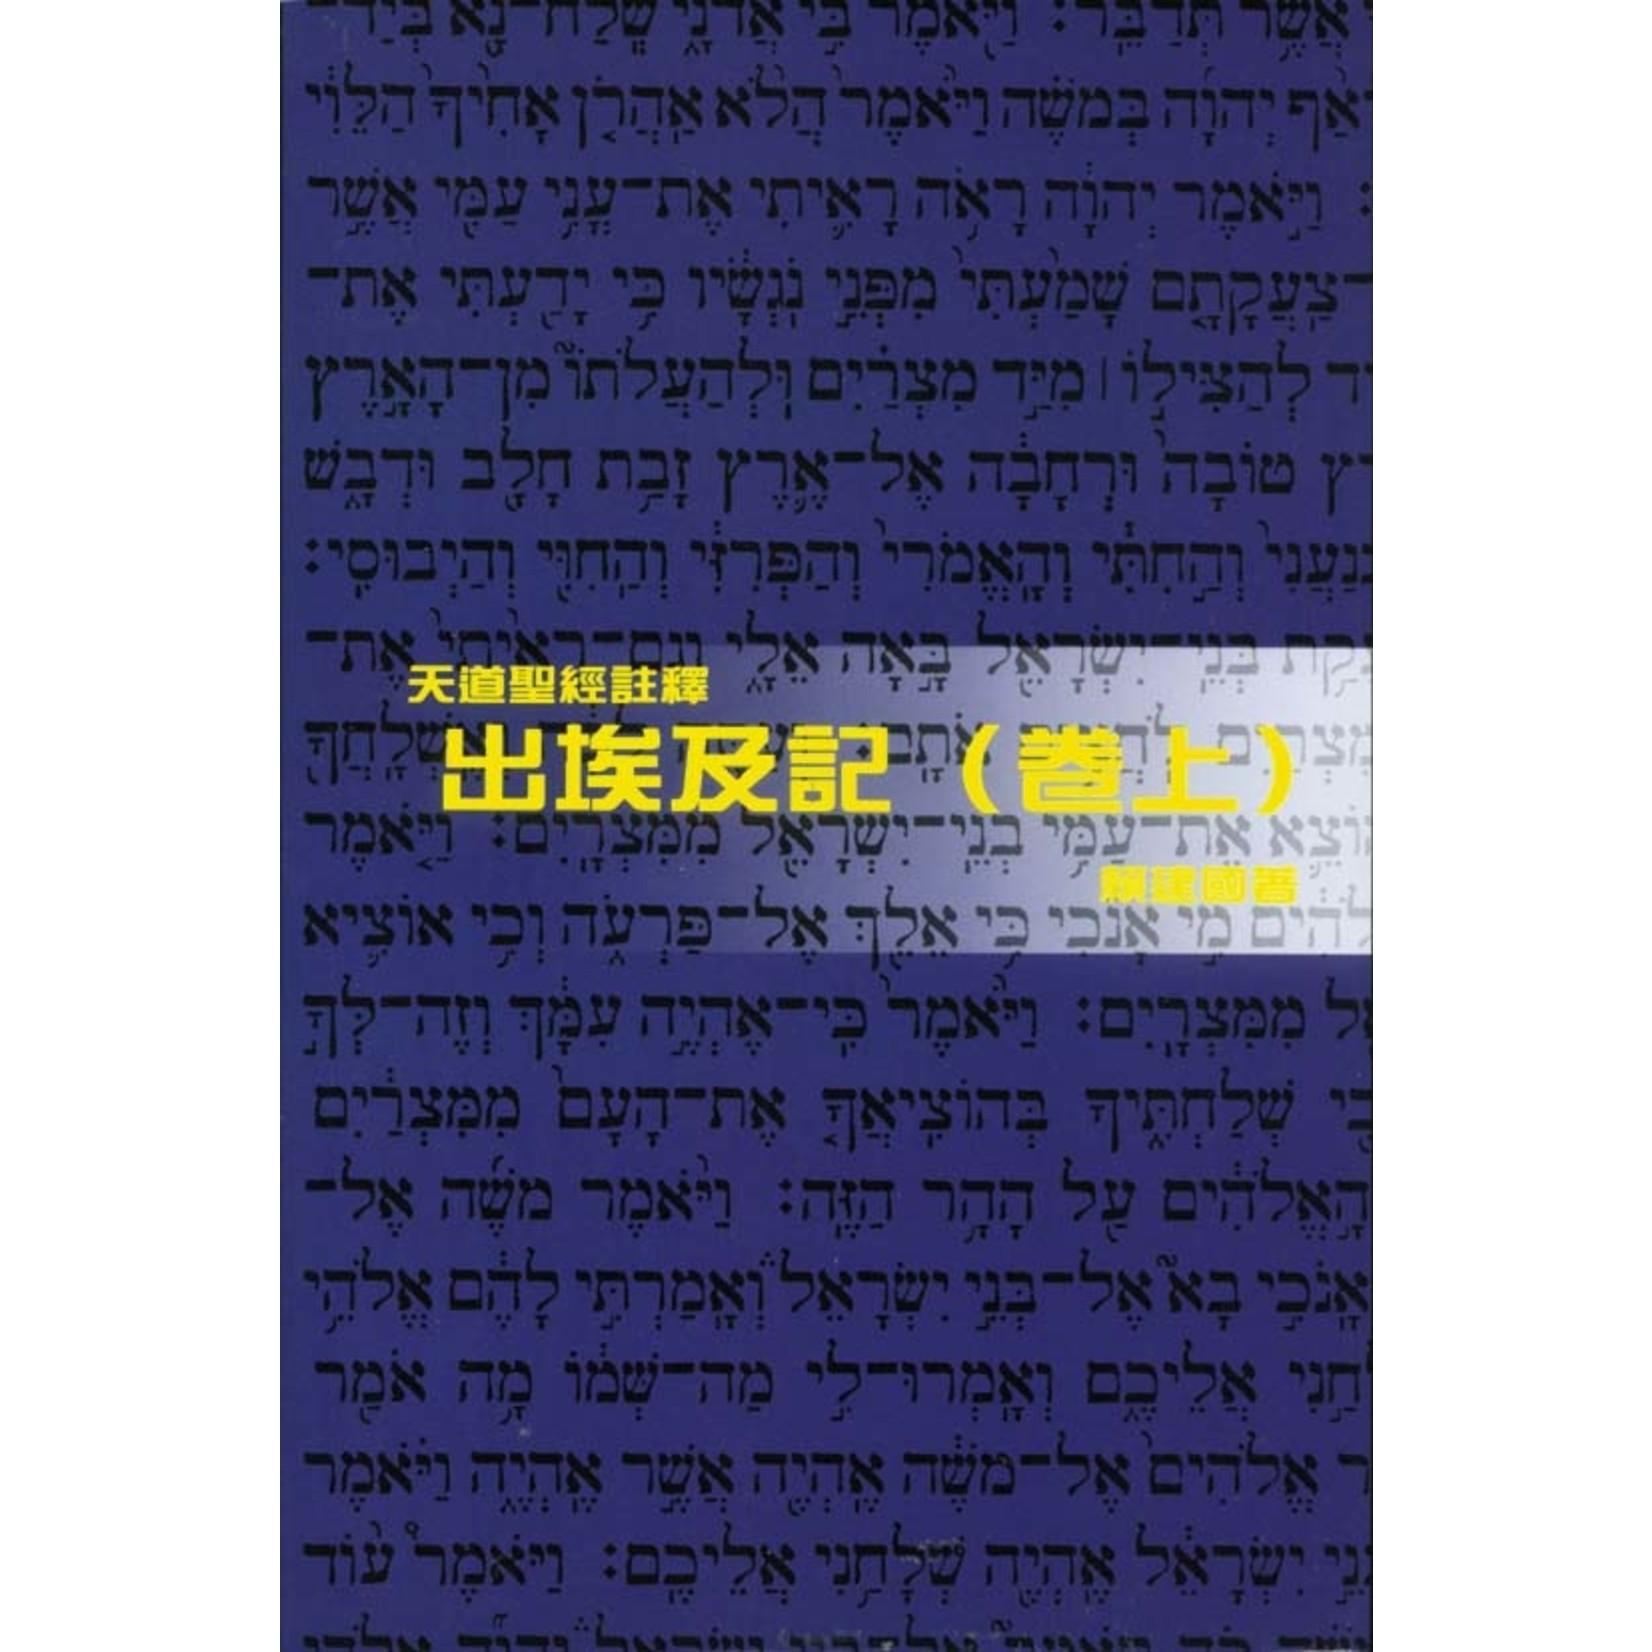 天道書樓 Tien Dao Publishing House 天道聖經註釋:出埃及記(卷上)